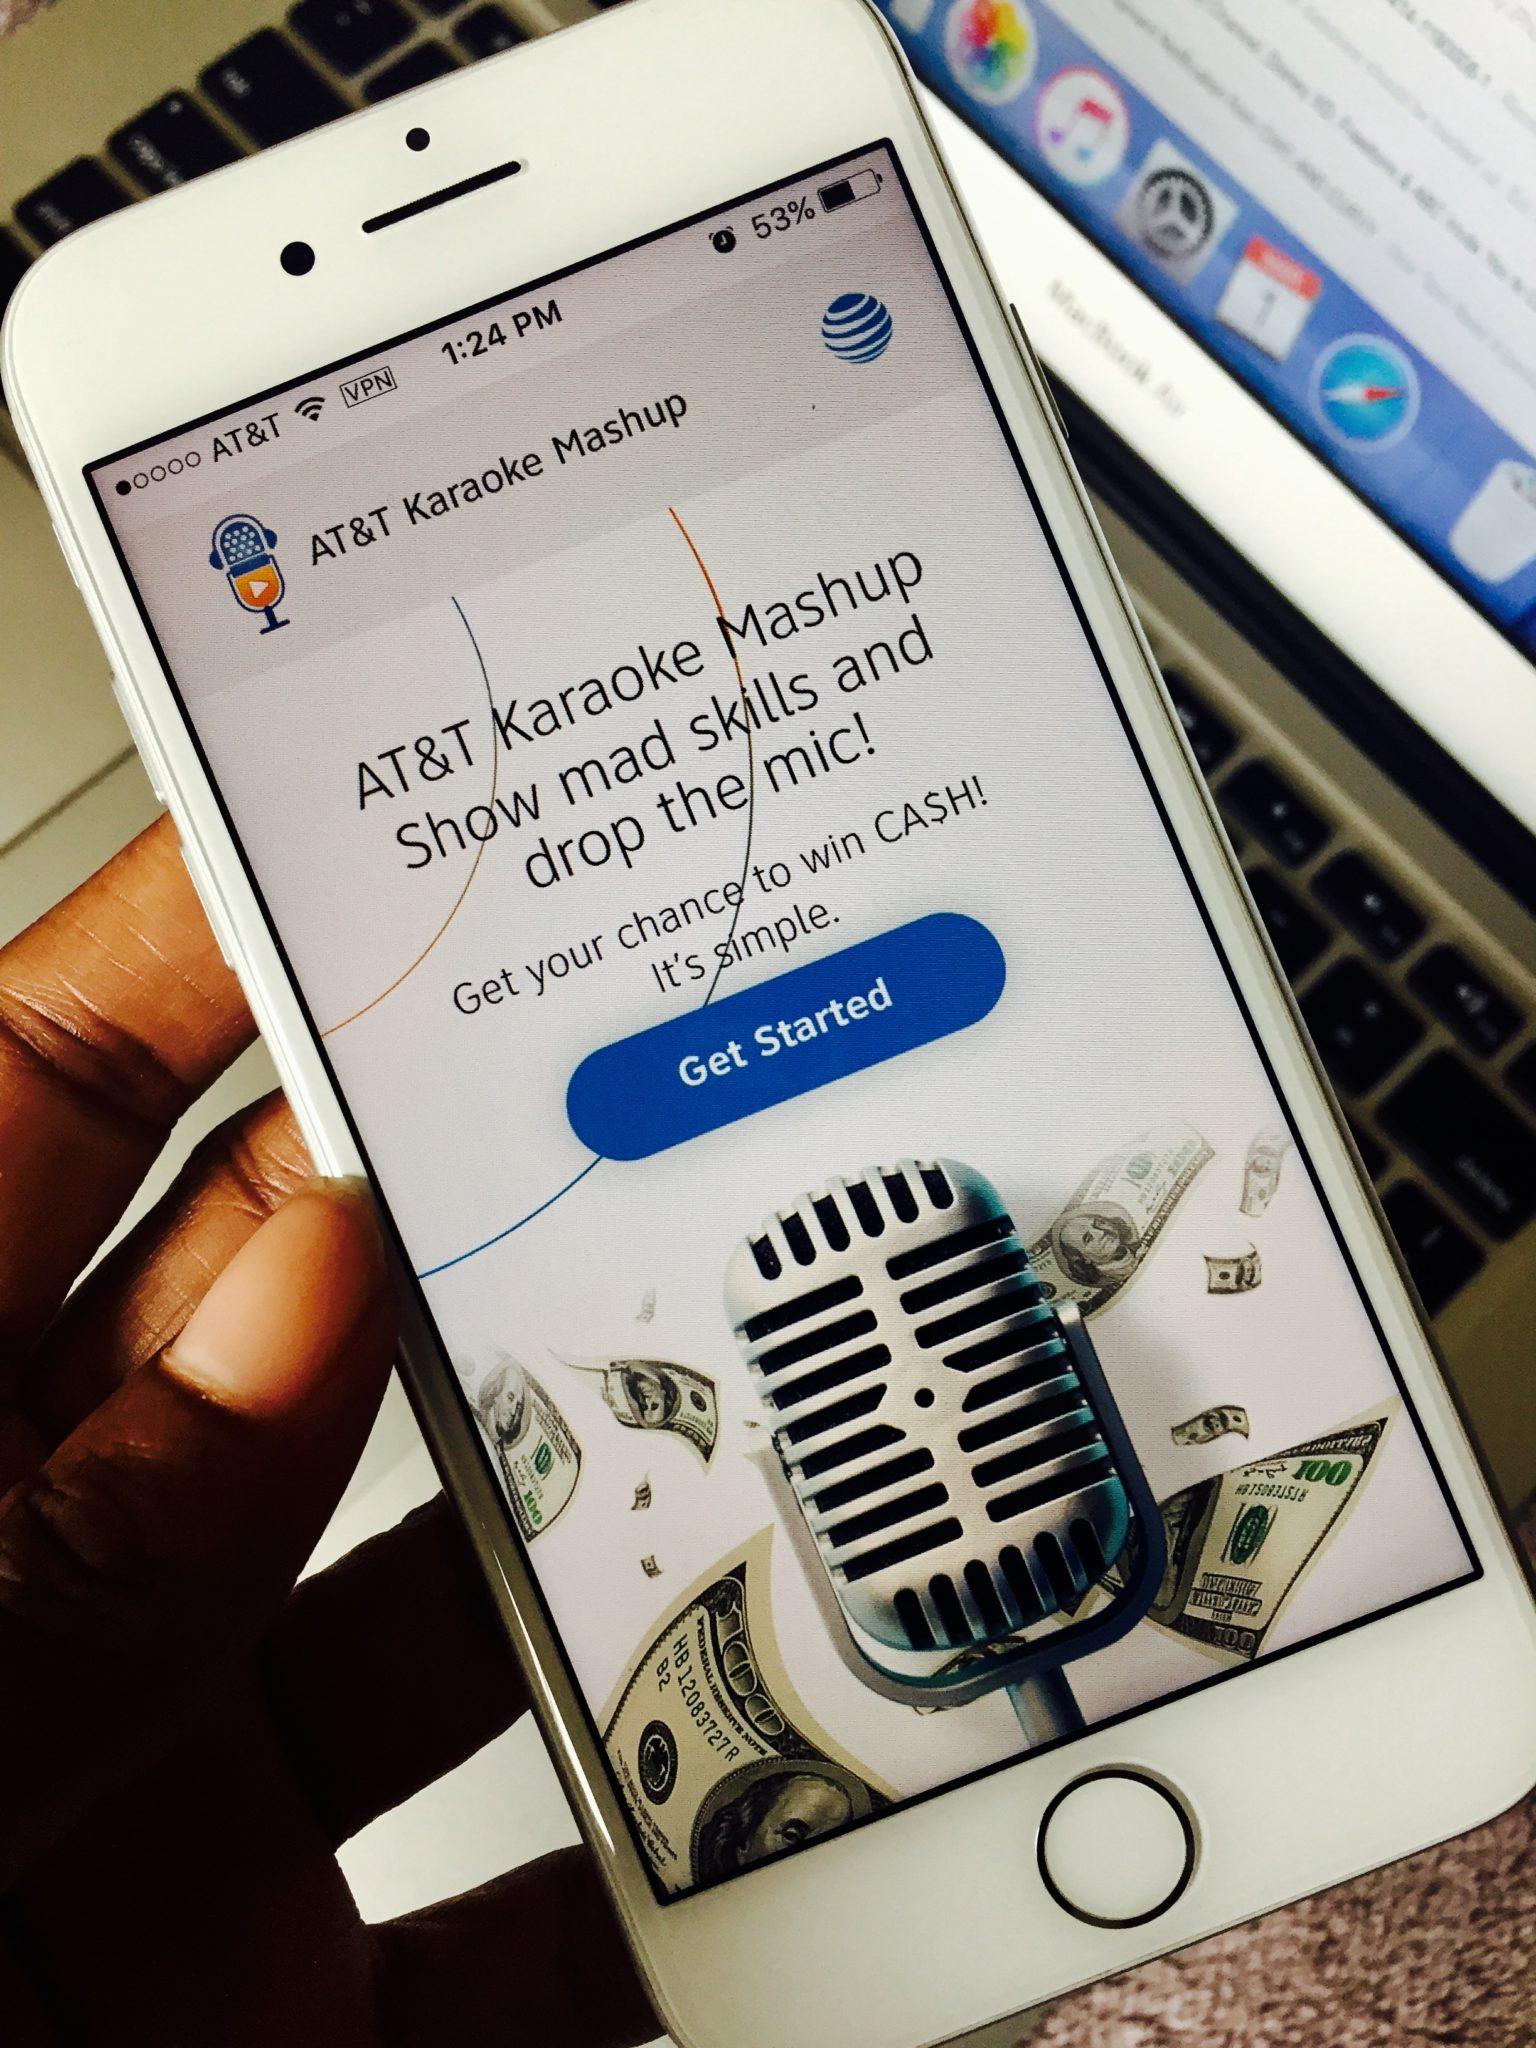 AT&T Karaoke Mashup